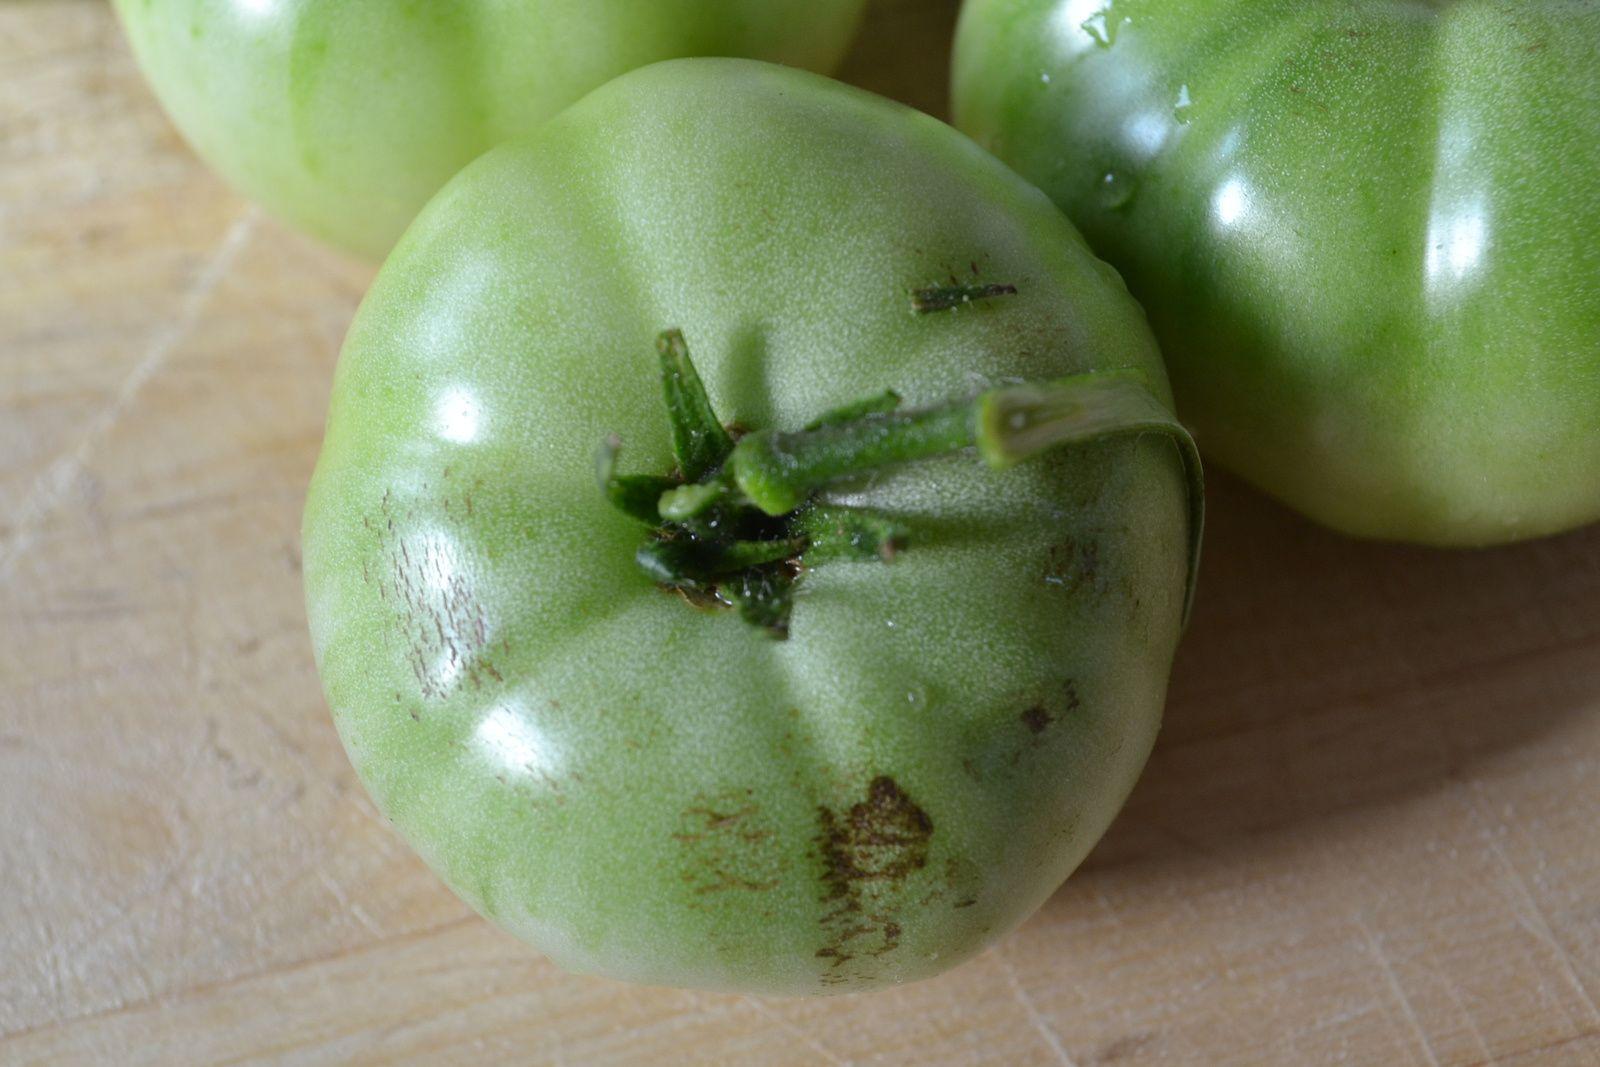 Confiture de tomates vertes et citron hum a sent bon - Tomate est un fruit ...